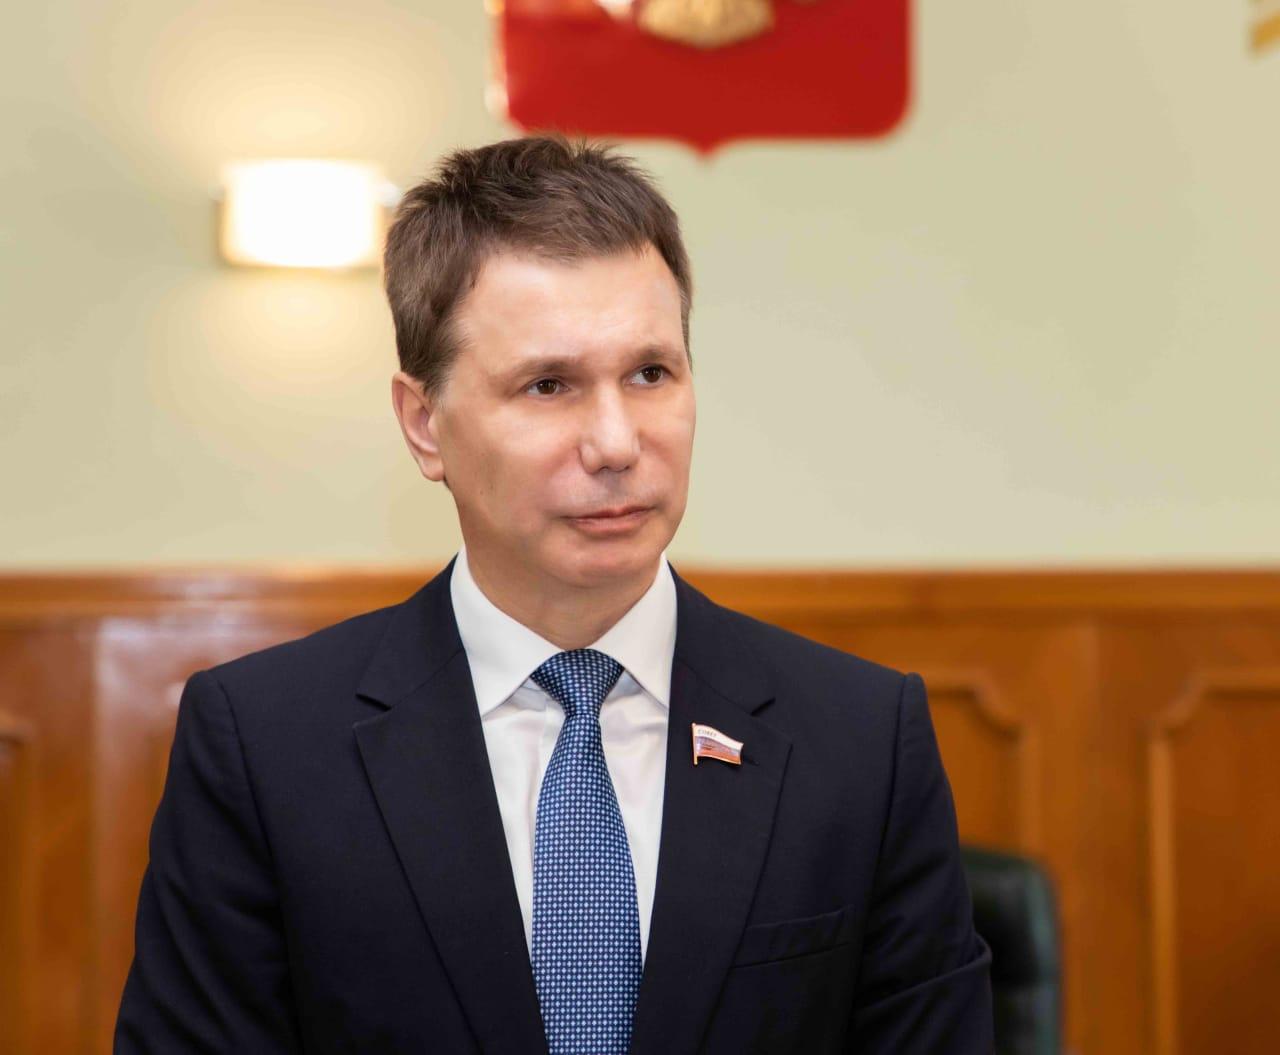 Игорь Зубарев: «Все важные для Карелии проекты 2020 года должны получить свое развитие»